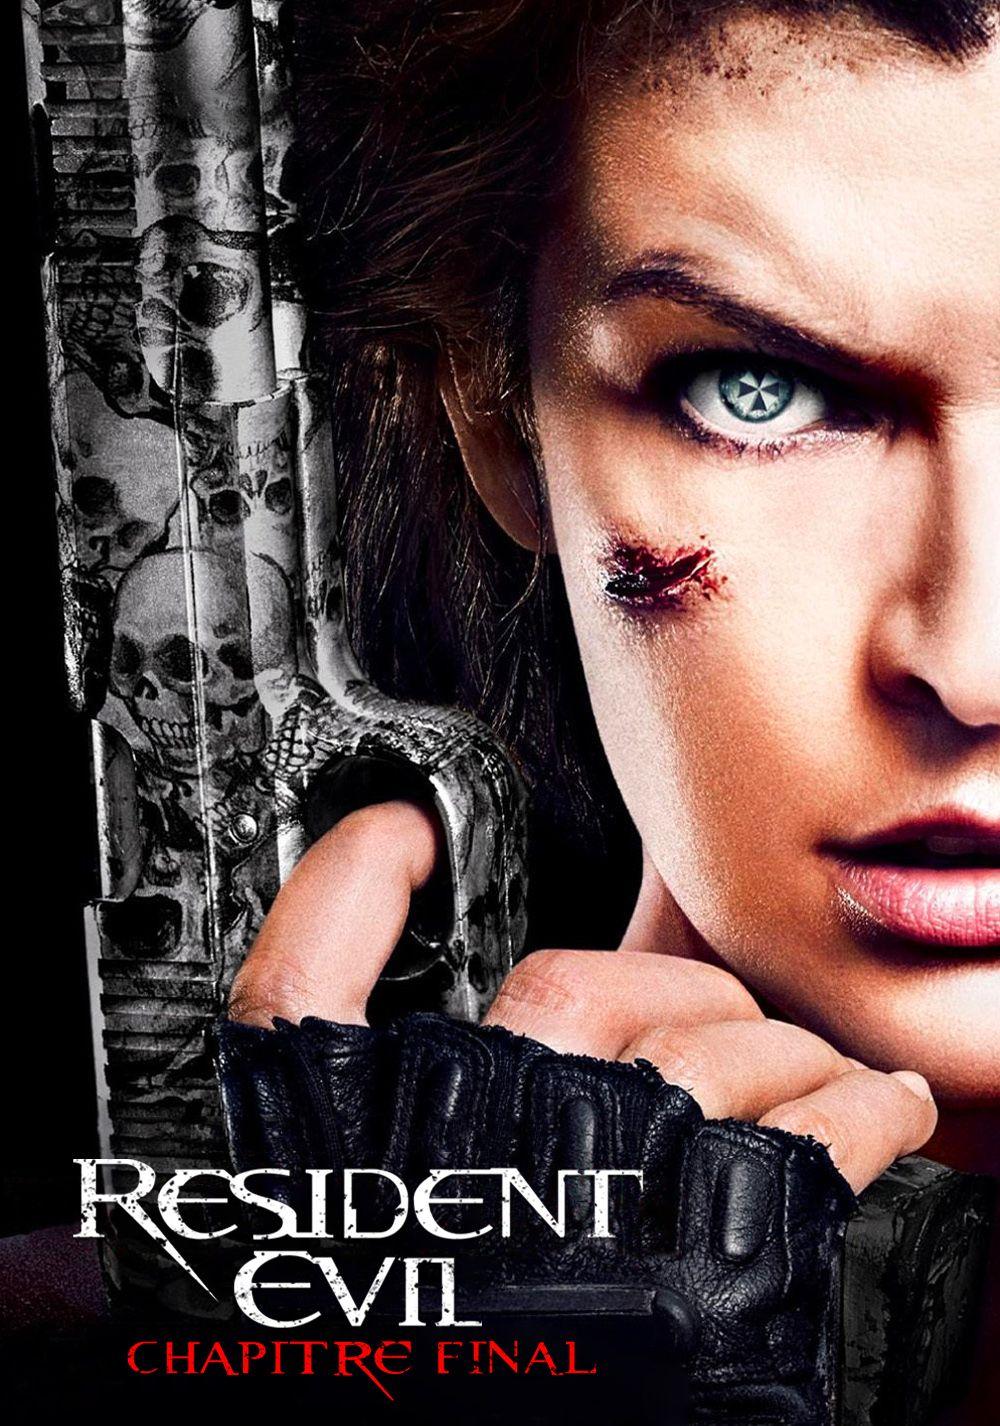 Movie Resident Evil The Final Chapter Resident Evil Movie Poster Resident Evil Resident Evil Movie Resident Evil Alice